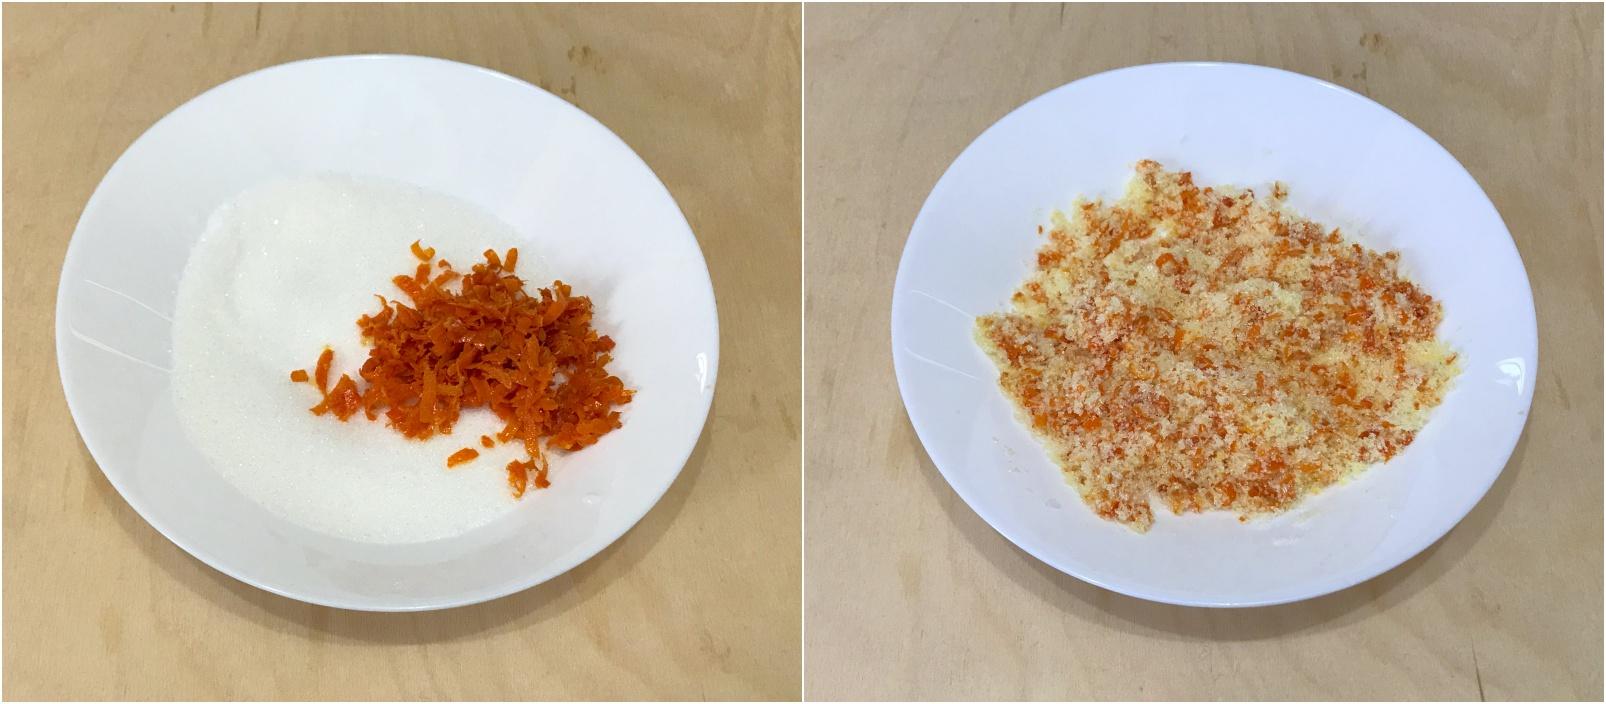 come preparare gli arancini di carnevale di pasta sfoglia, mescola la scorza d'arancia  con lo zucchero